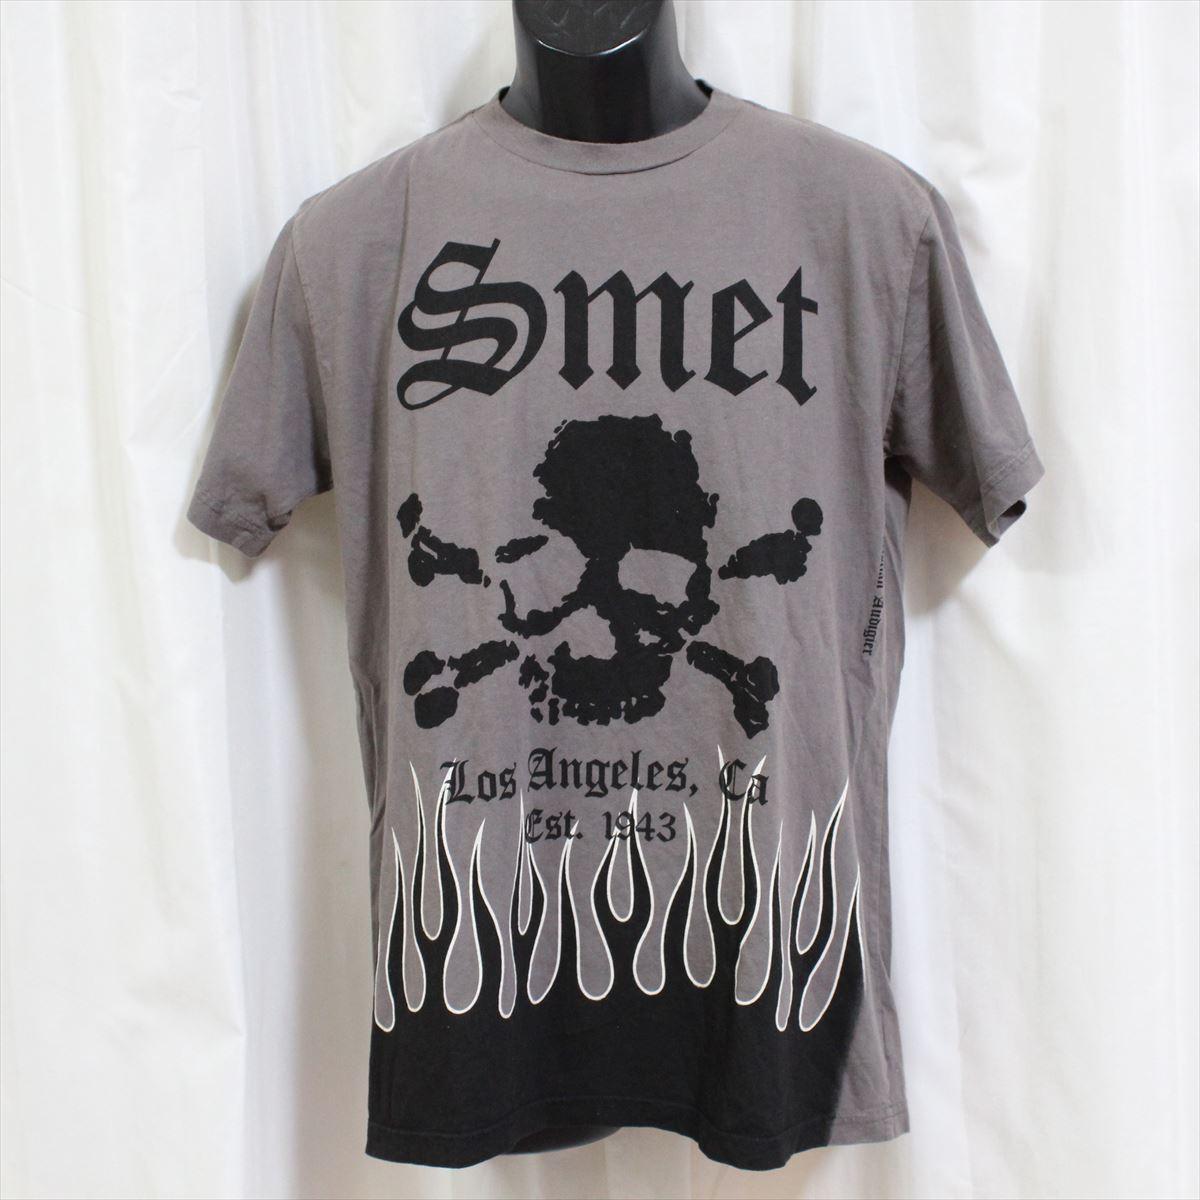 スメット SMET メンズ半袖Tシャツ グレー Lサイズ NO1 新品_画像1